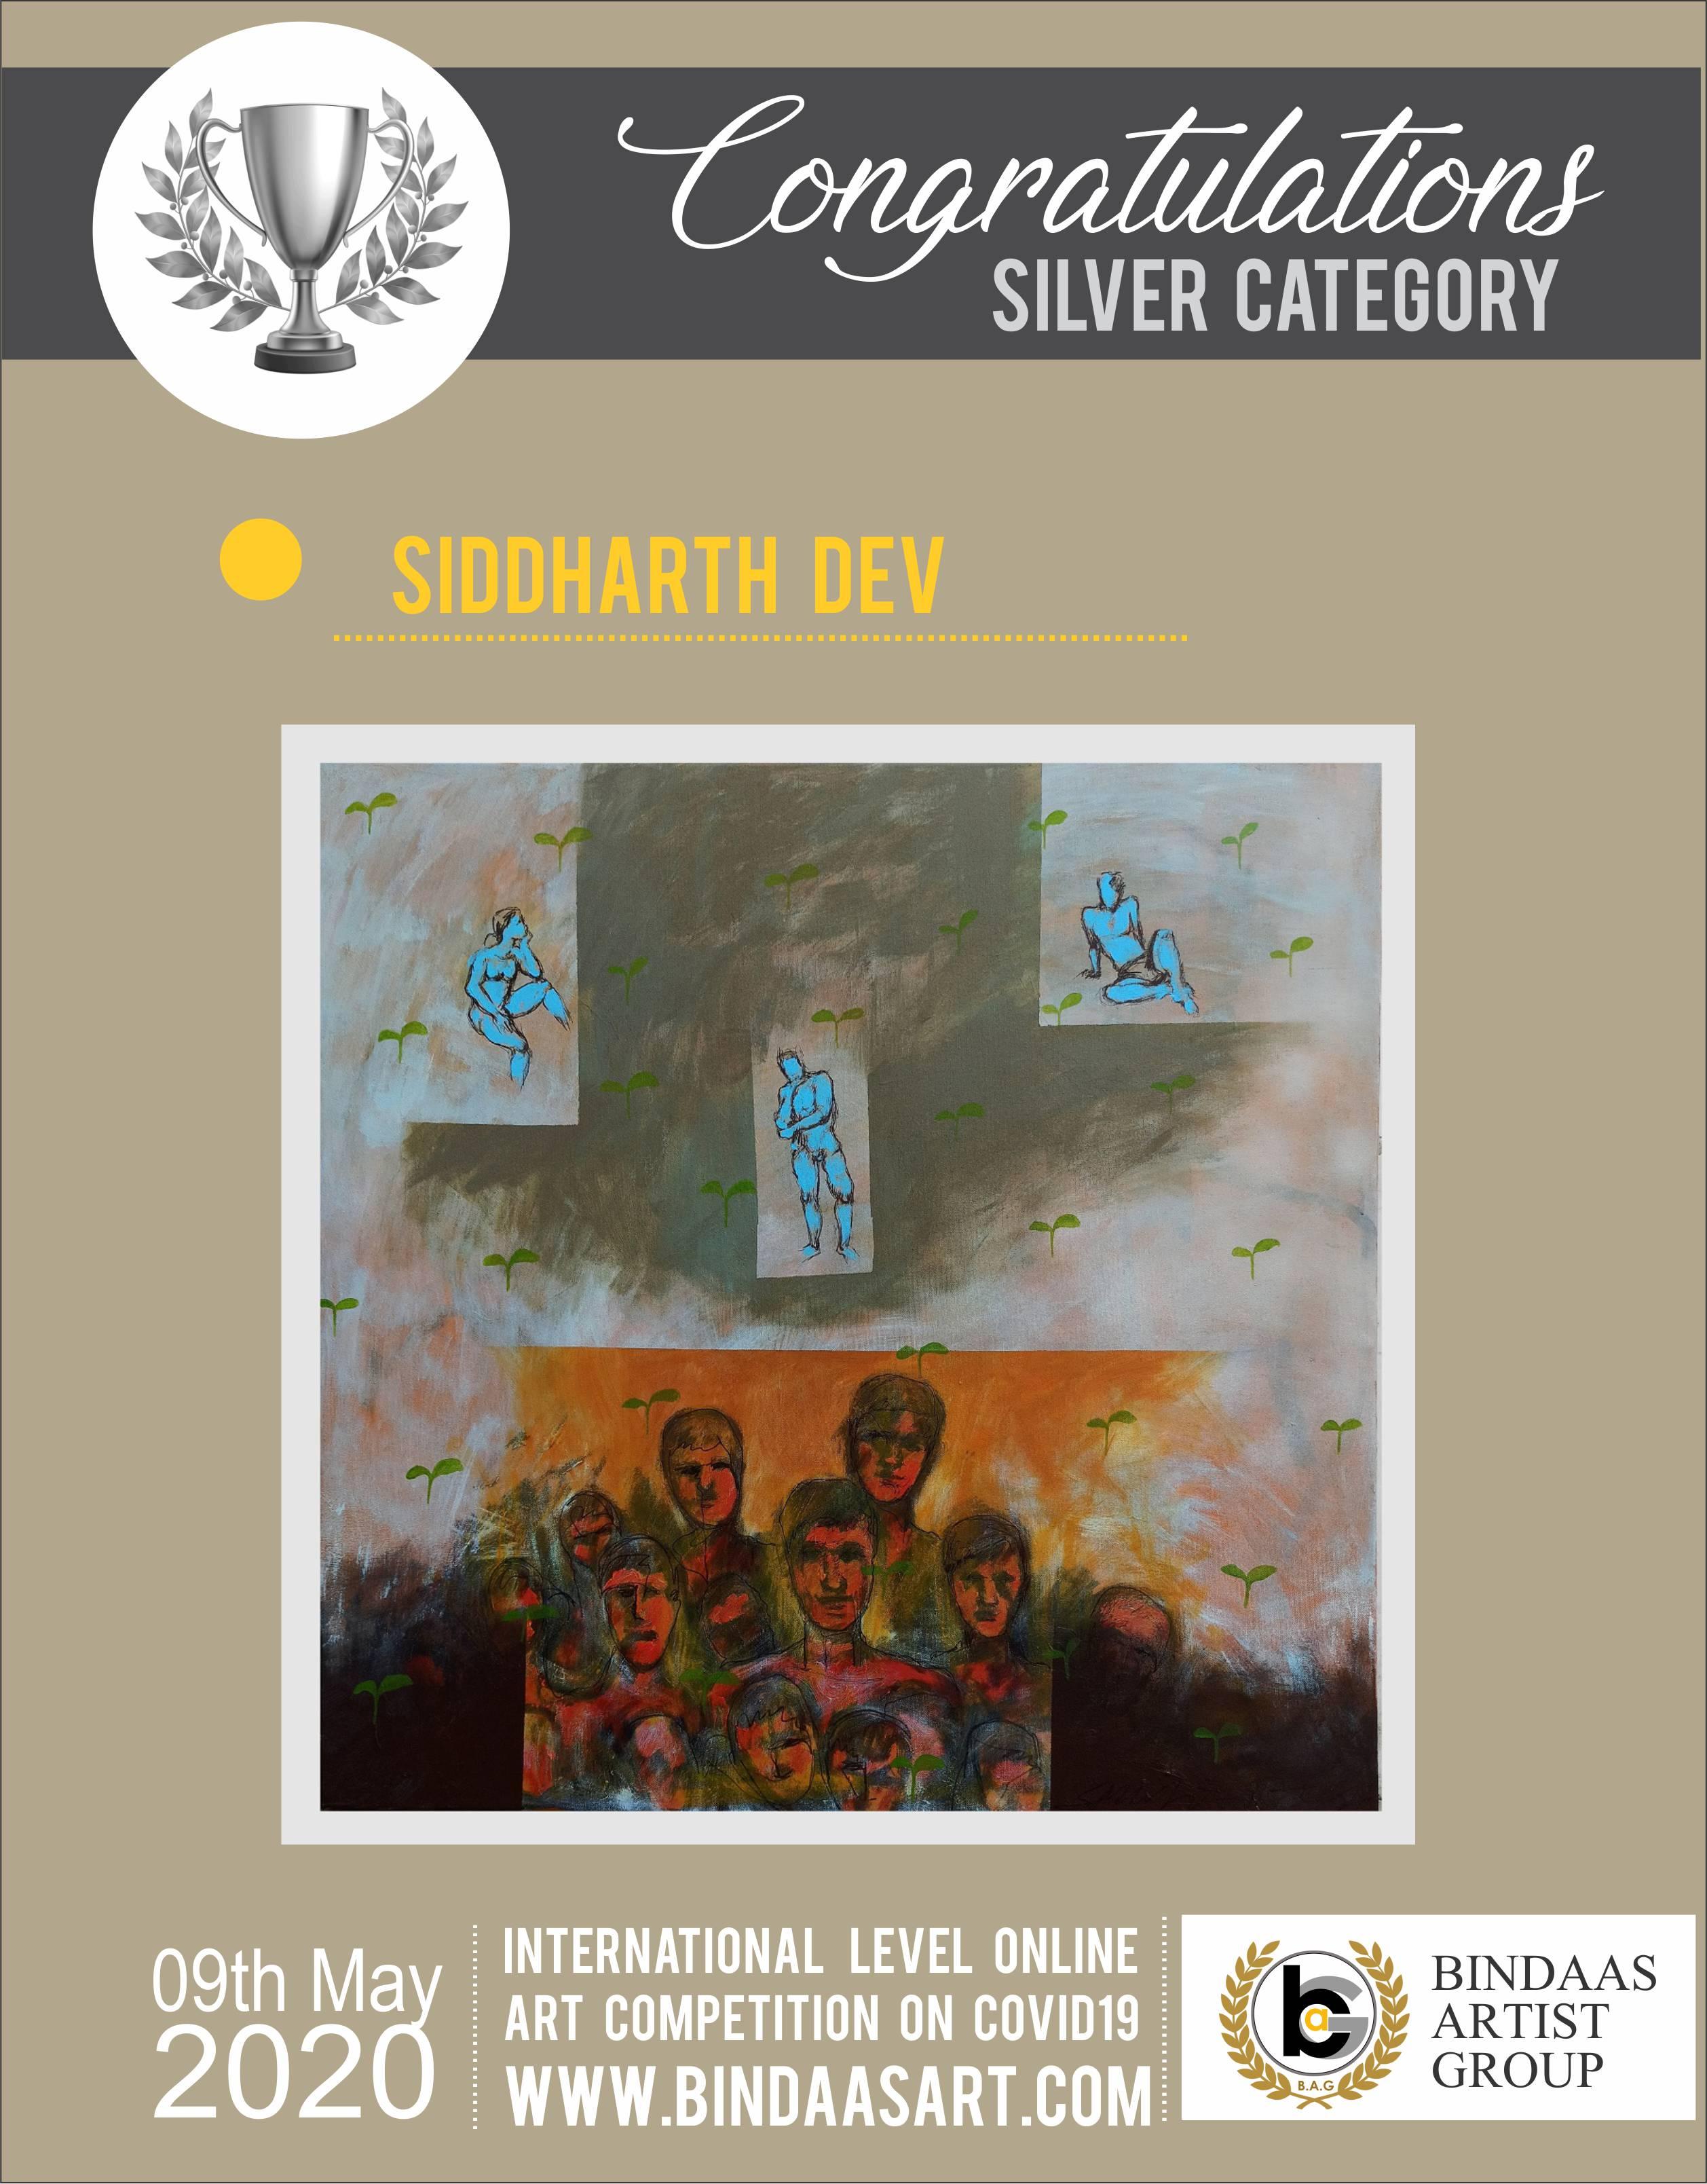 Siddharth Dev